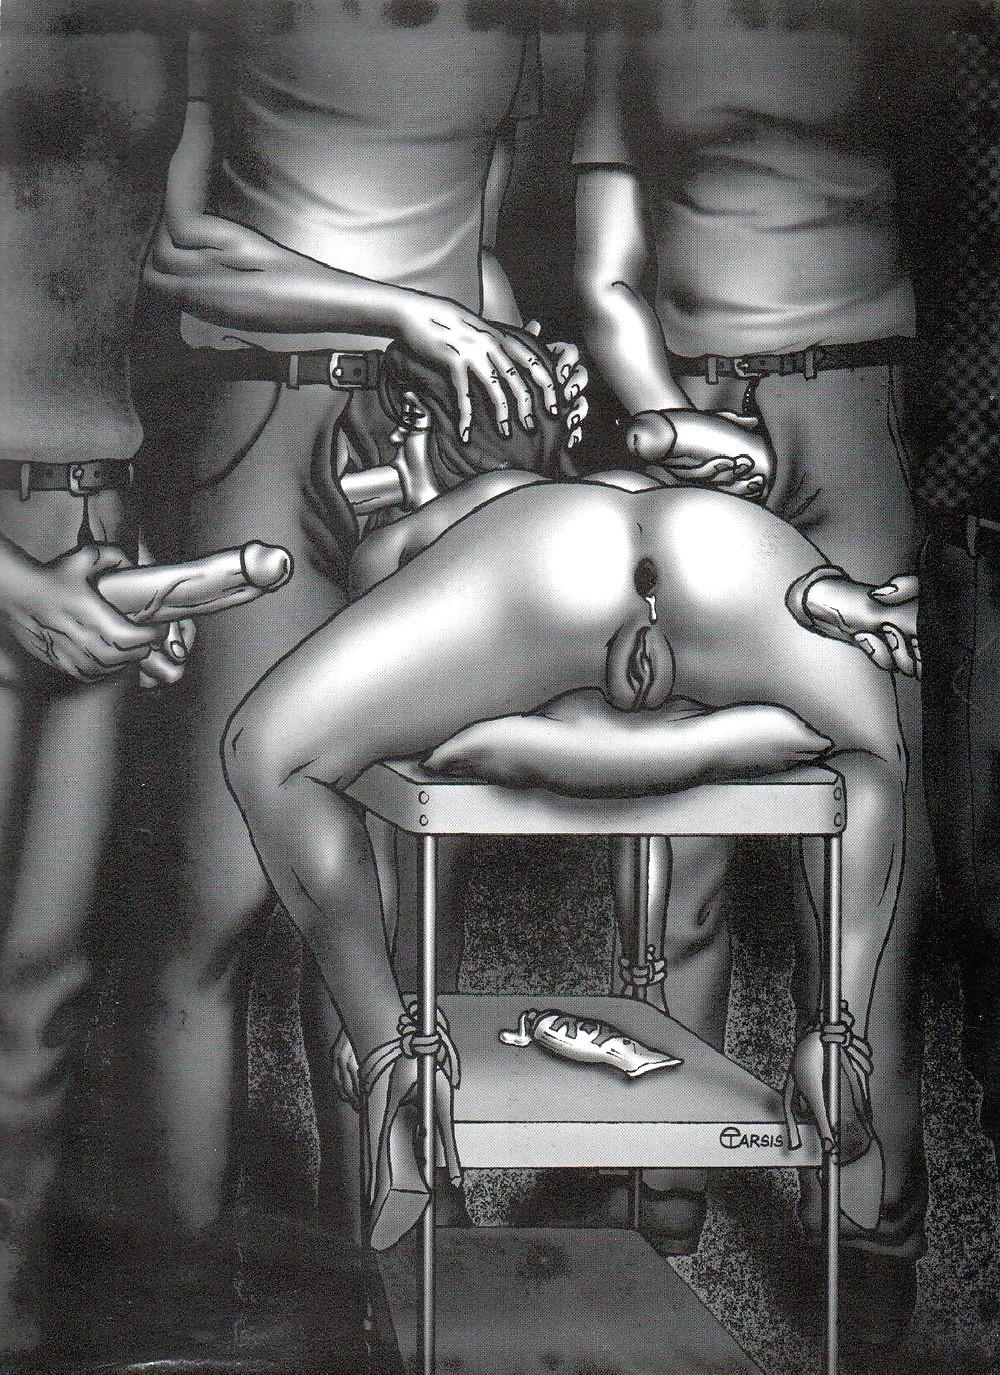 Brutal torture of my anus, gay amateur porn bf